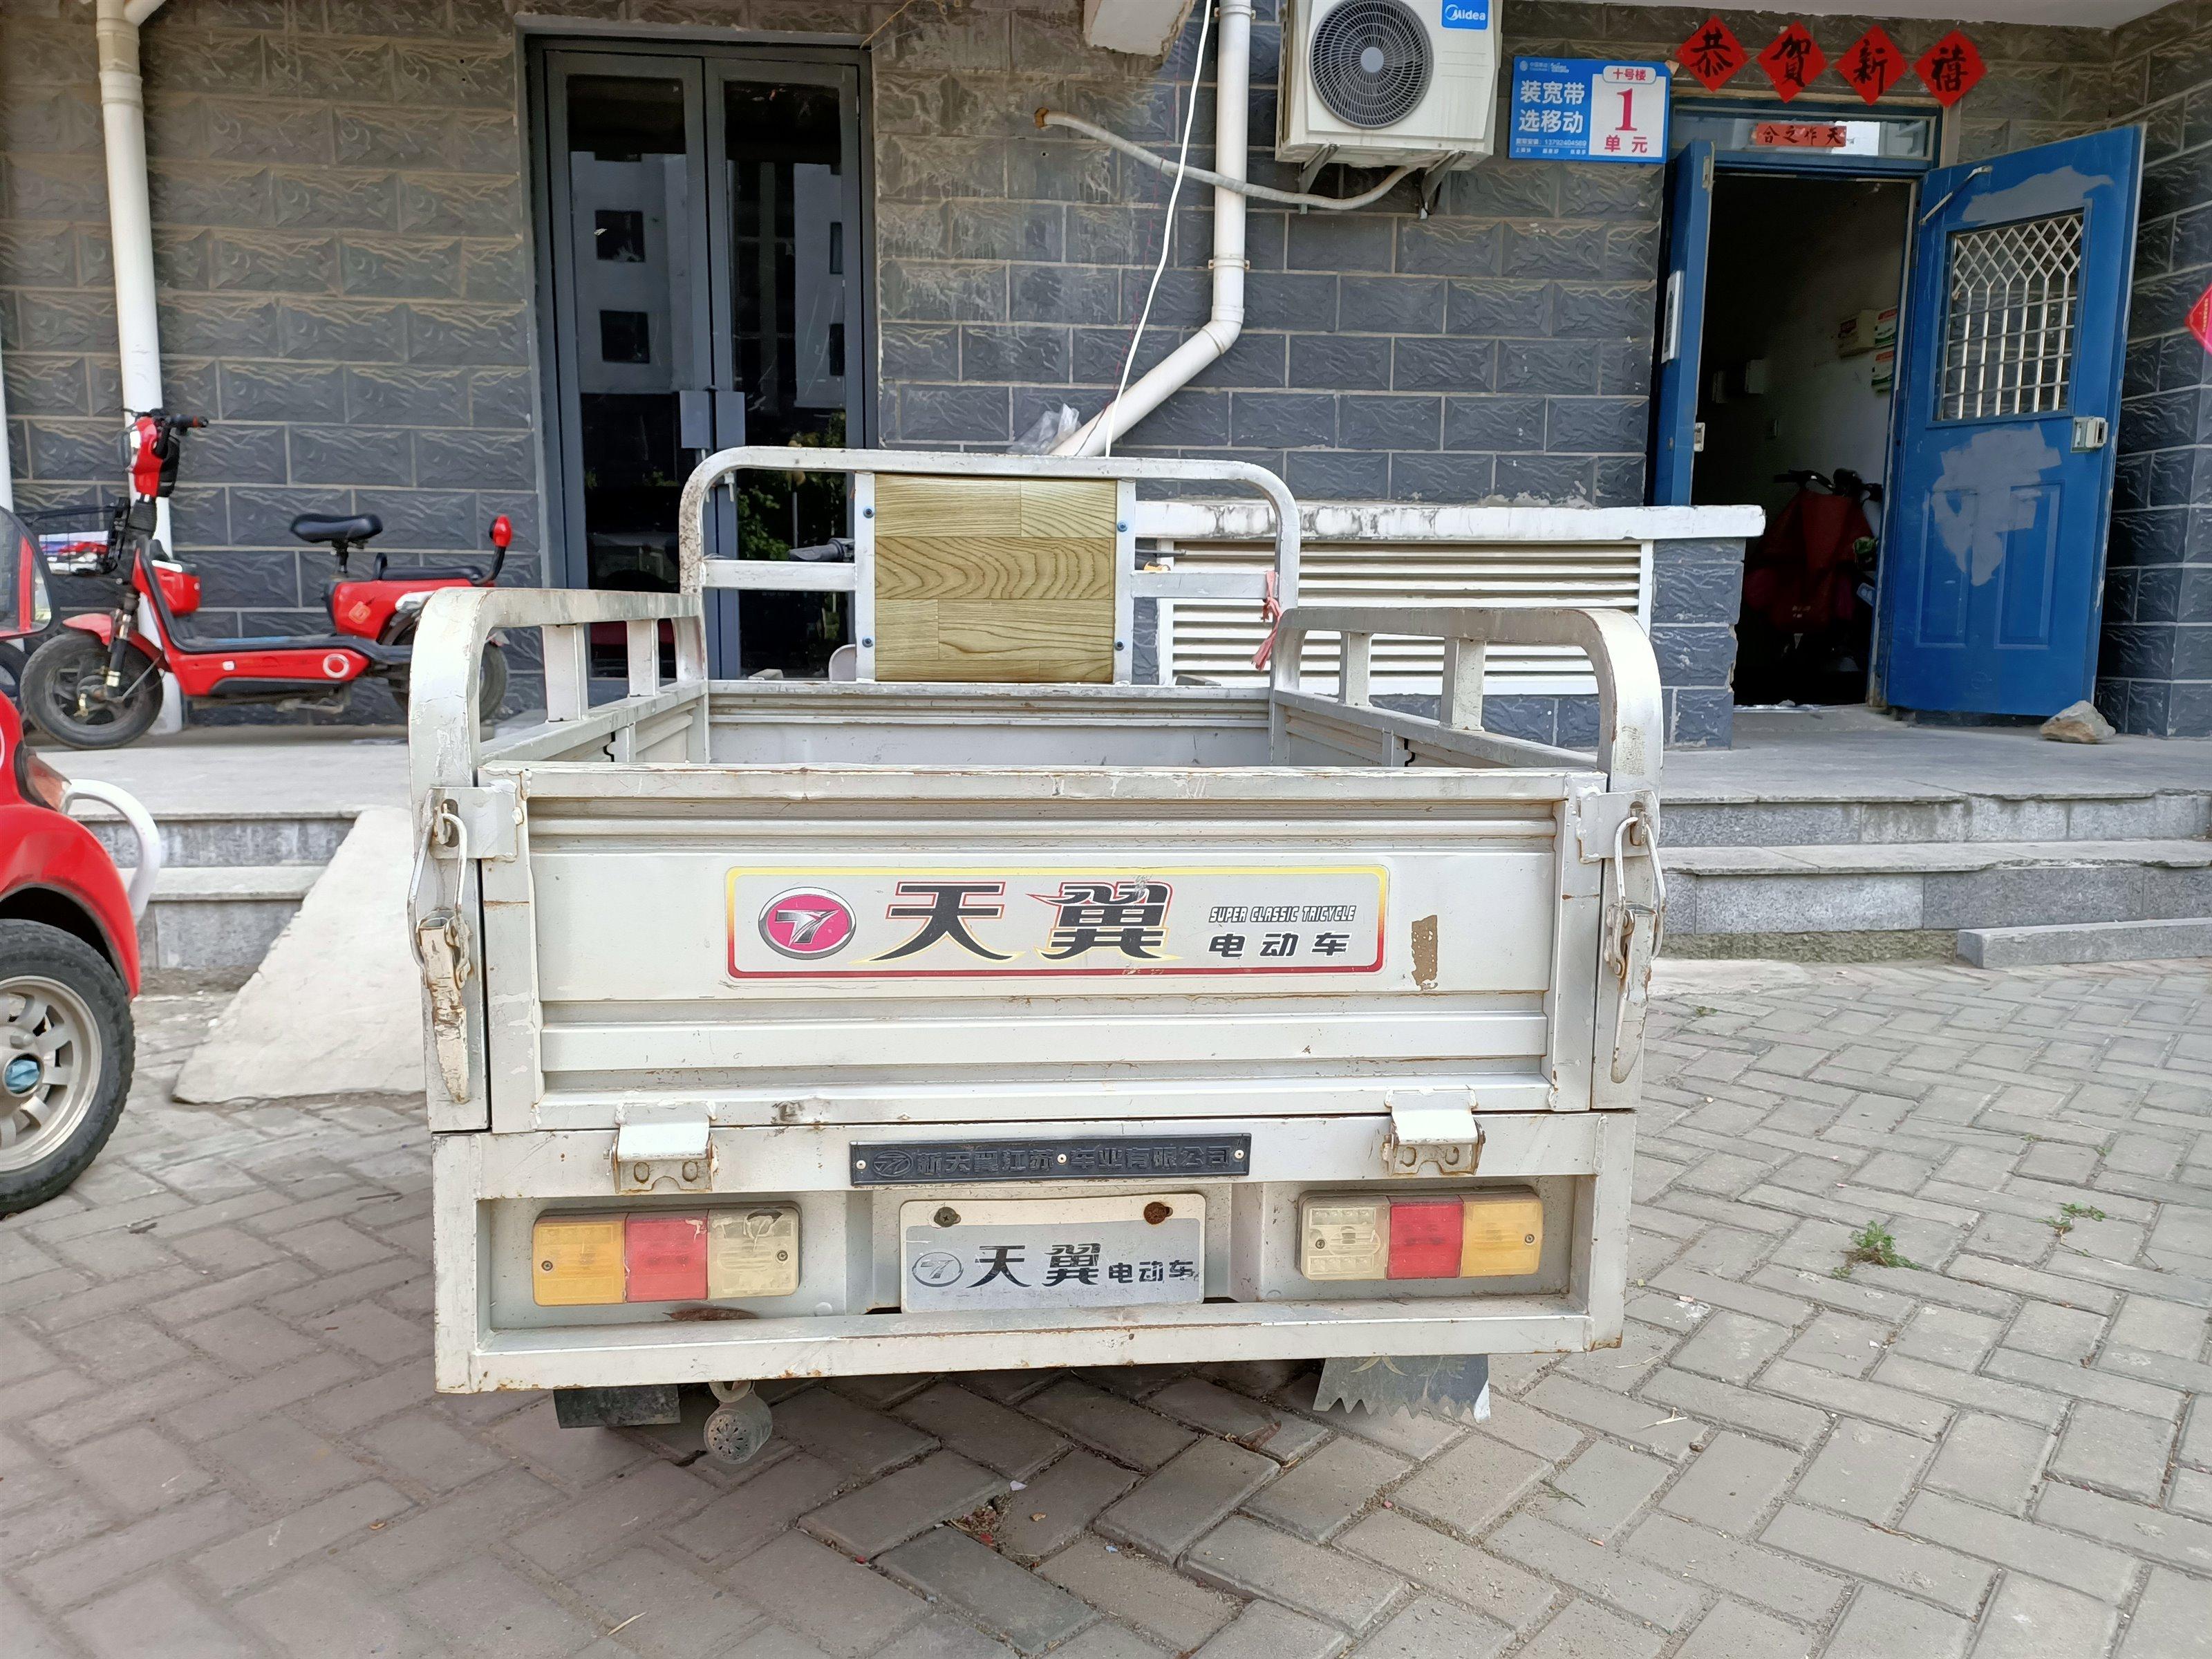 二手三轮车,因上班没时间干了,特此转让,有需要的联系15588161369,还有配套的小吃架子